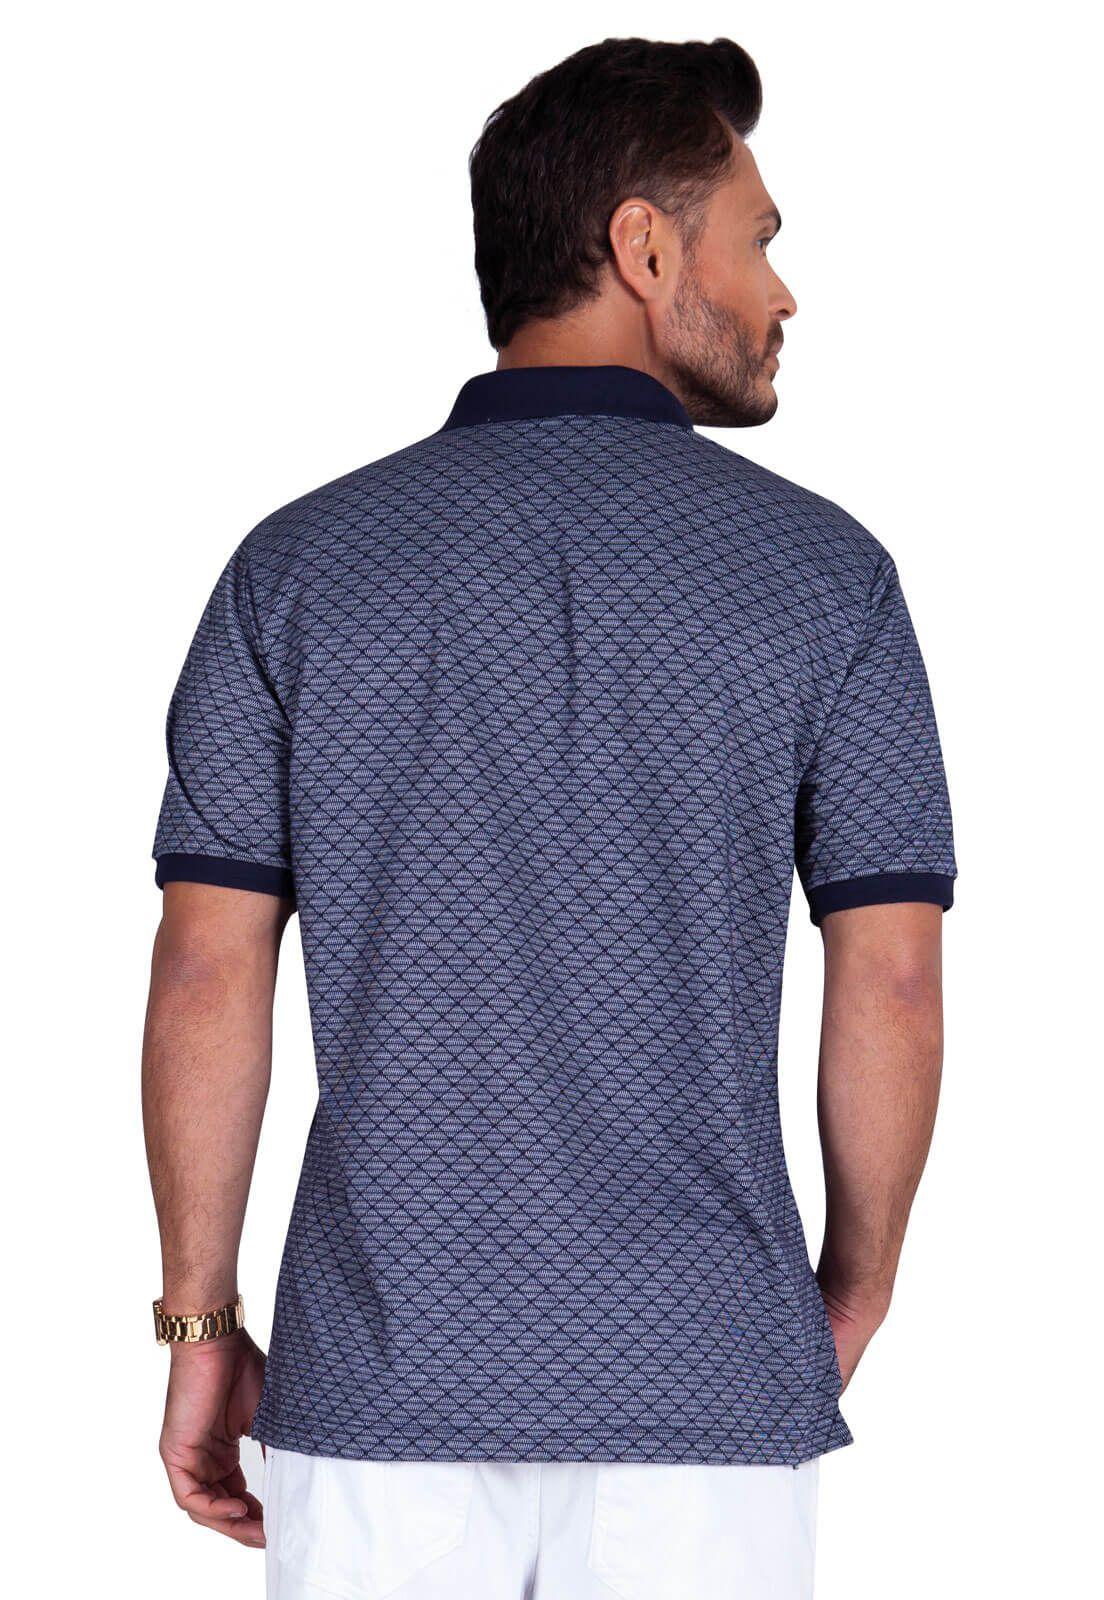 Camisa Gola Polo Olimpo Meia Malha Jacguard com bolso Azul